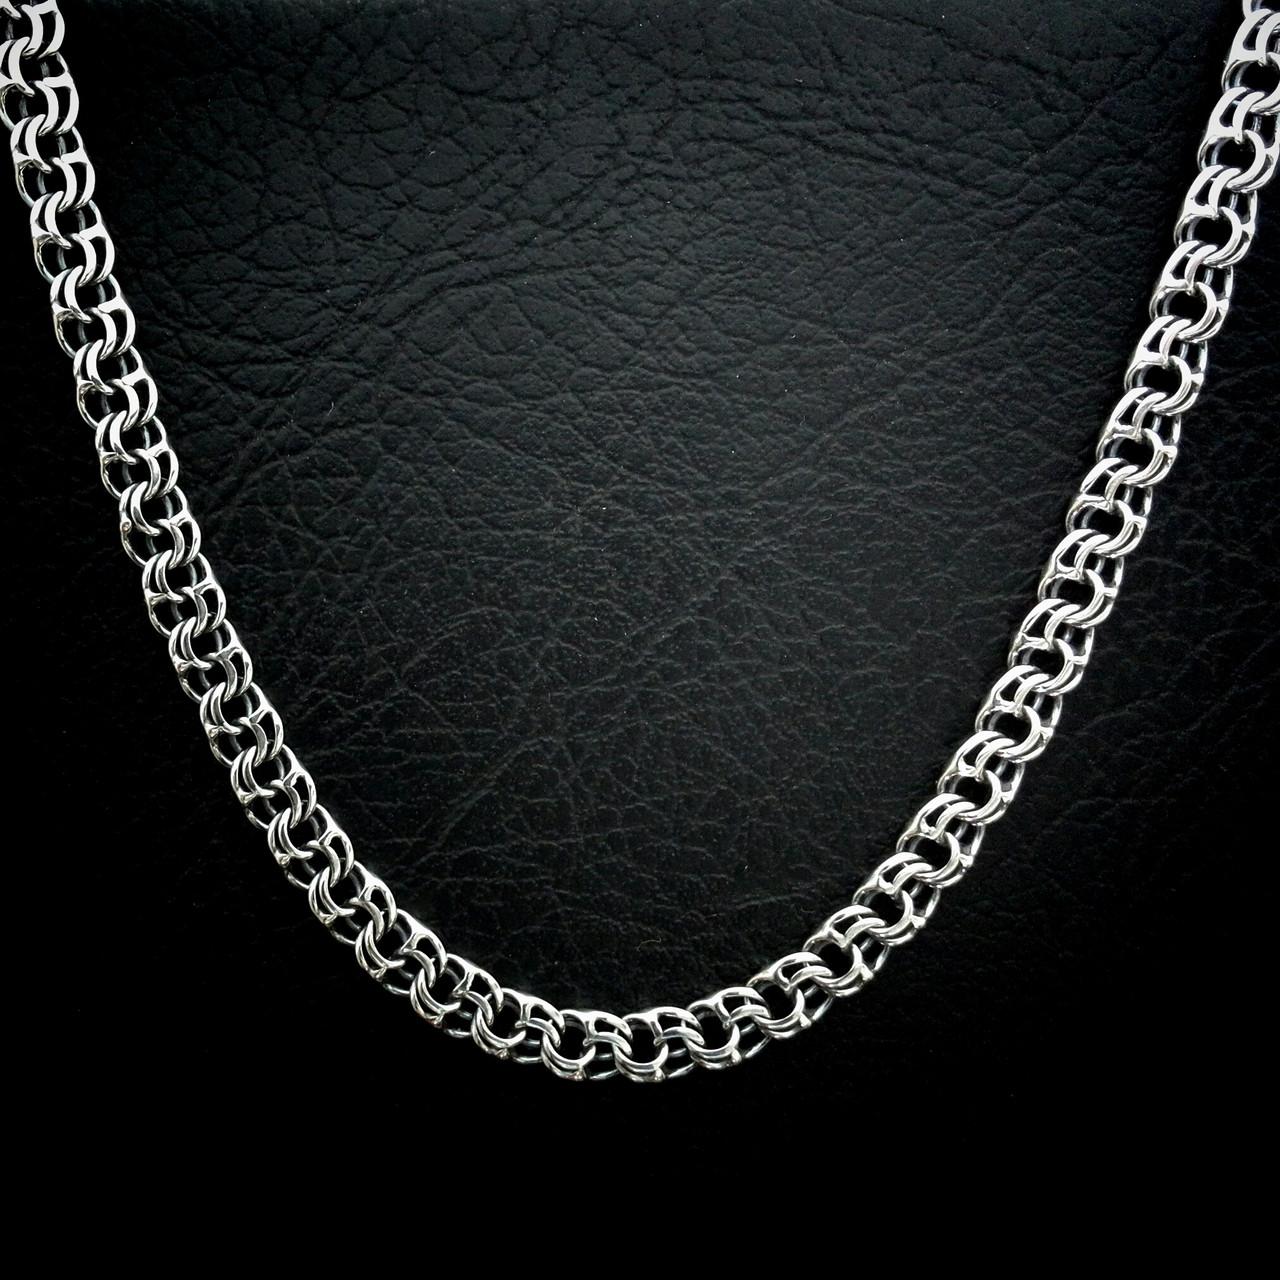 Серебряная мужская цепь, 550мм, 72 грамма, плетение Бисмарк